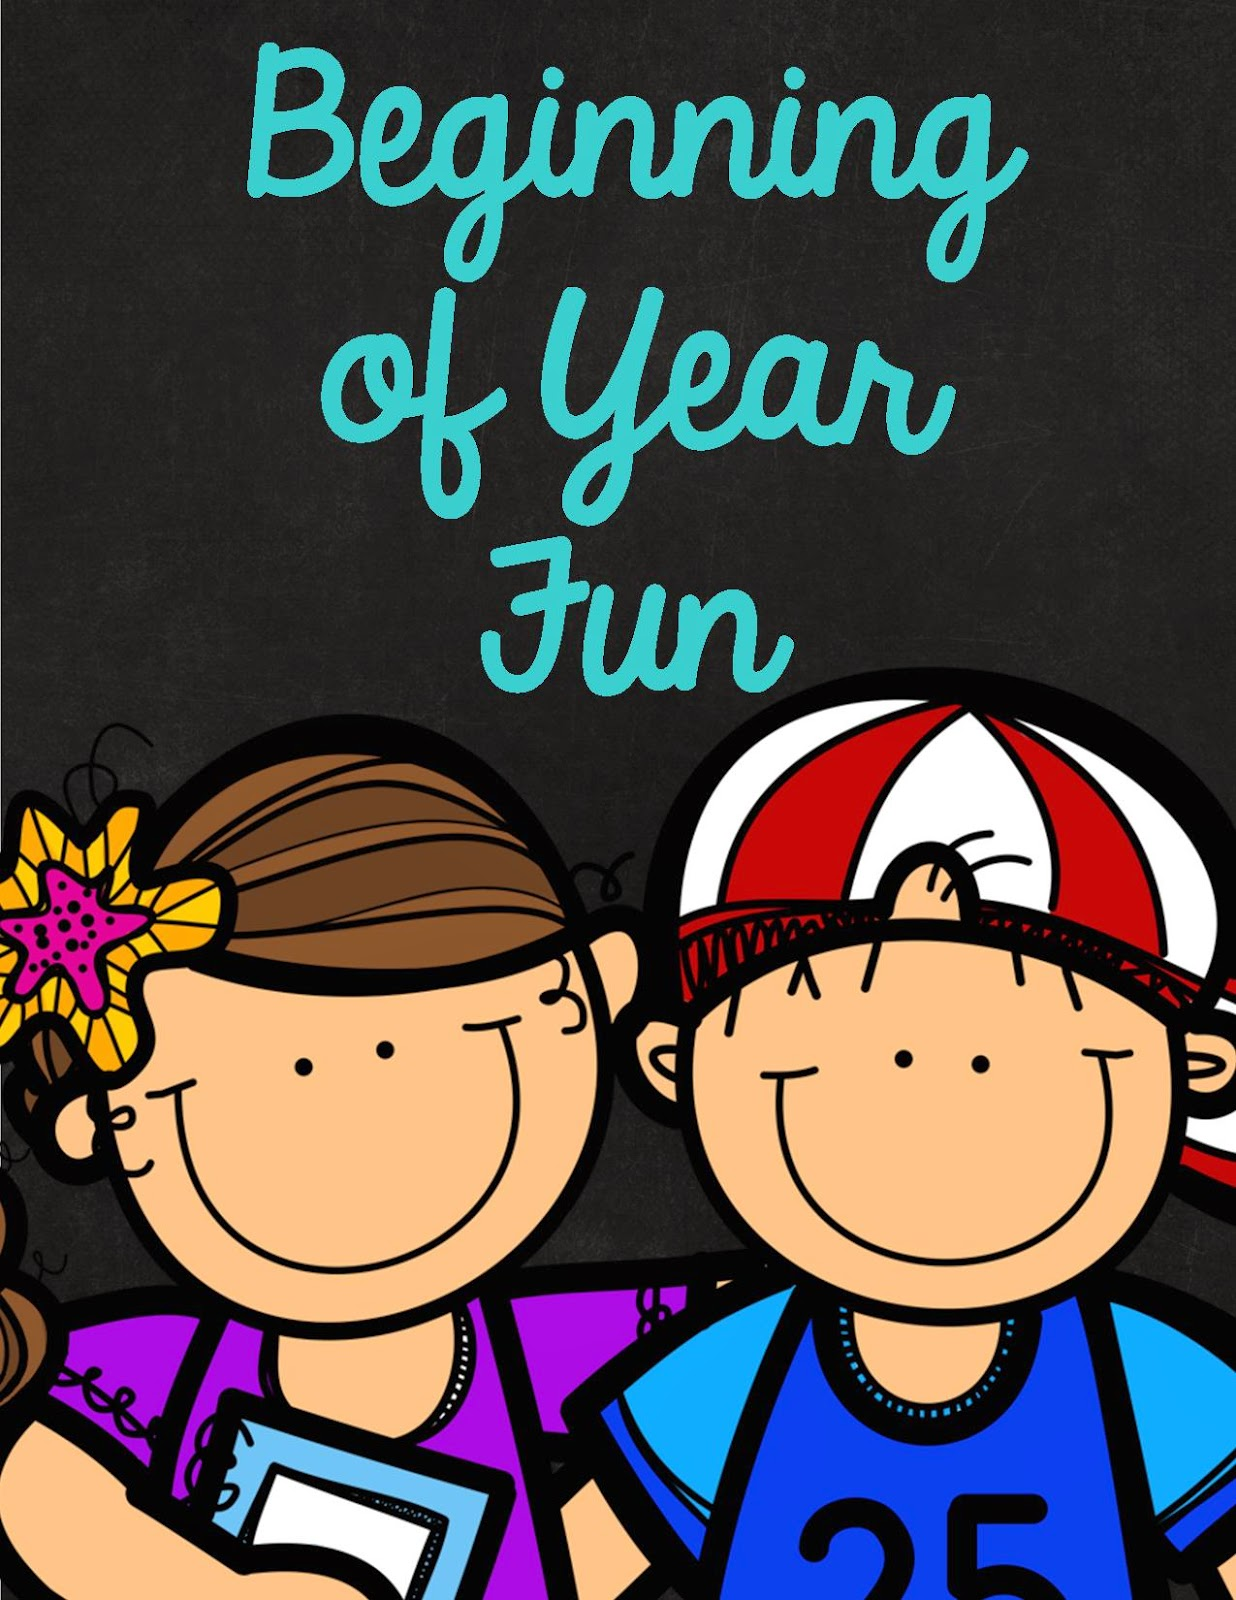 http://www.teacherspayteachers.com/Product/Beginning-of-Year-Fun-279386